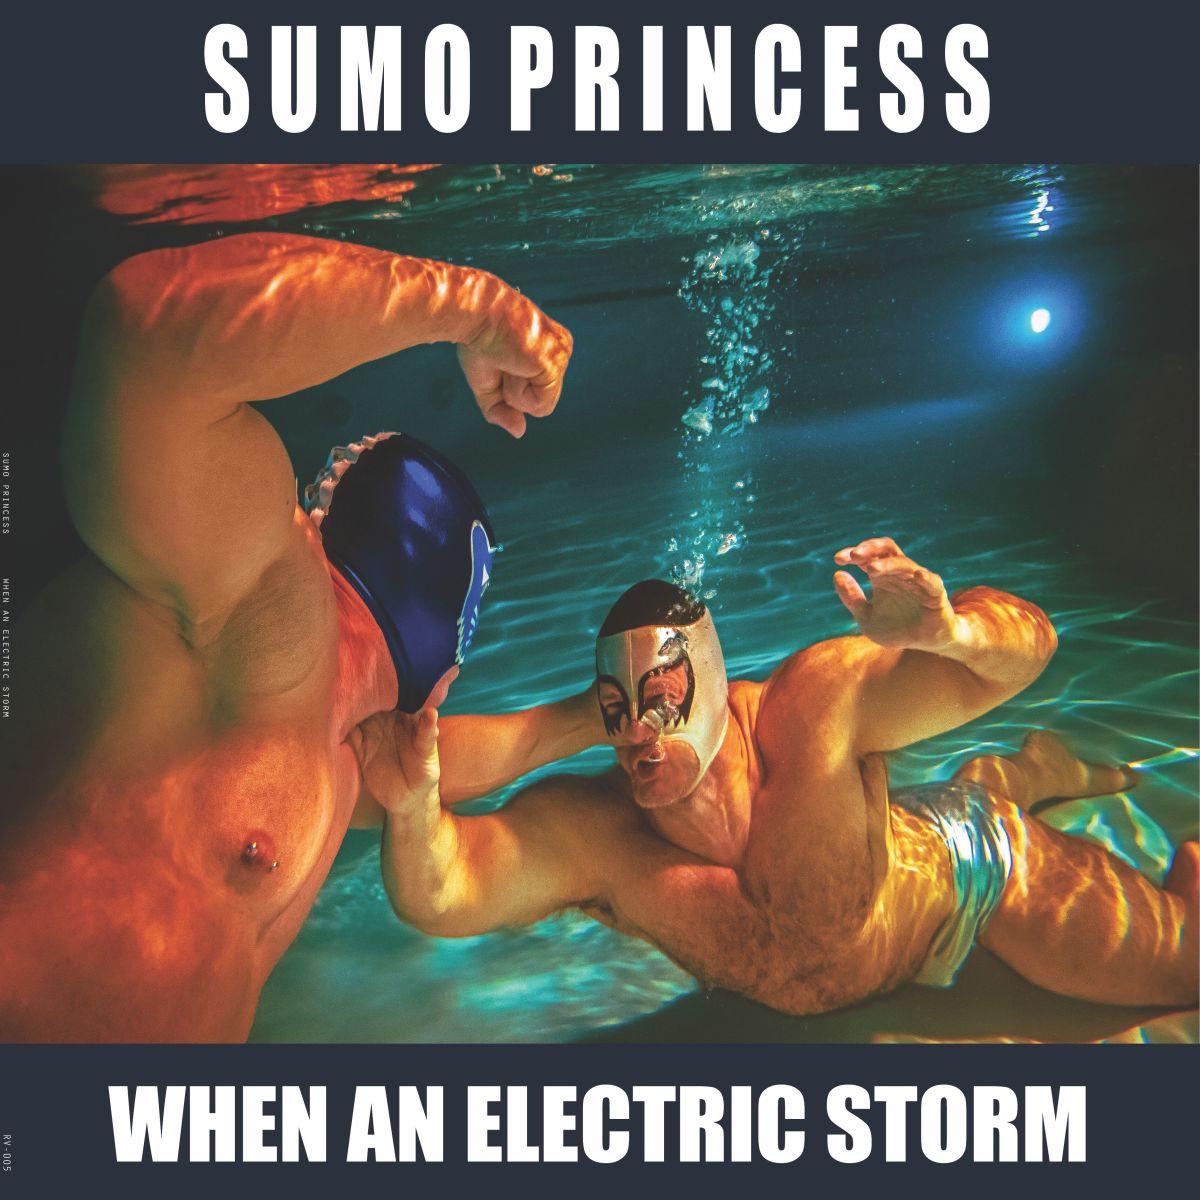 Sumo Princess